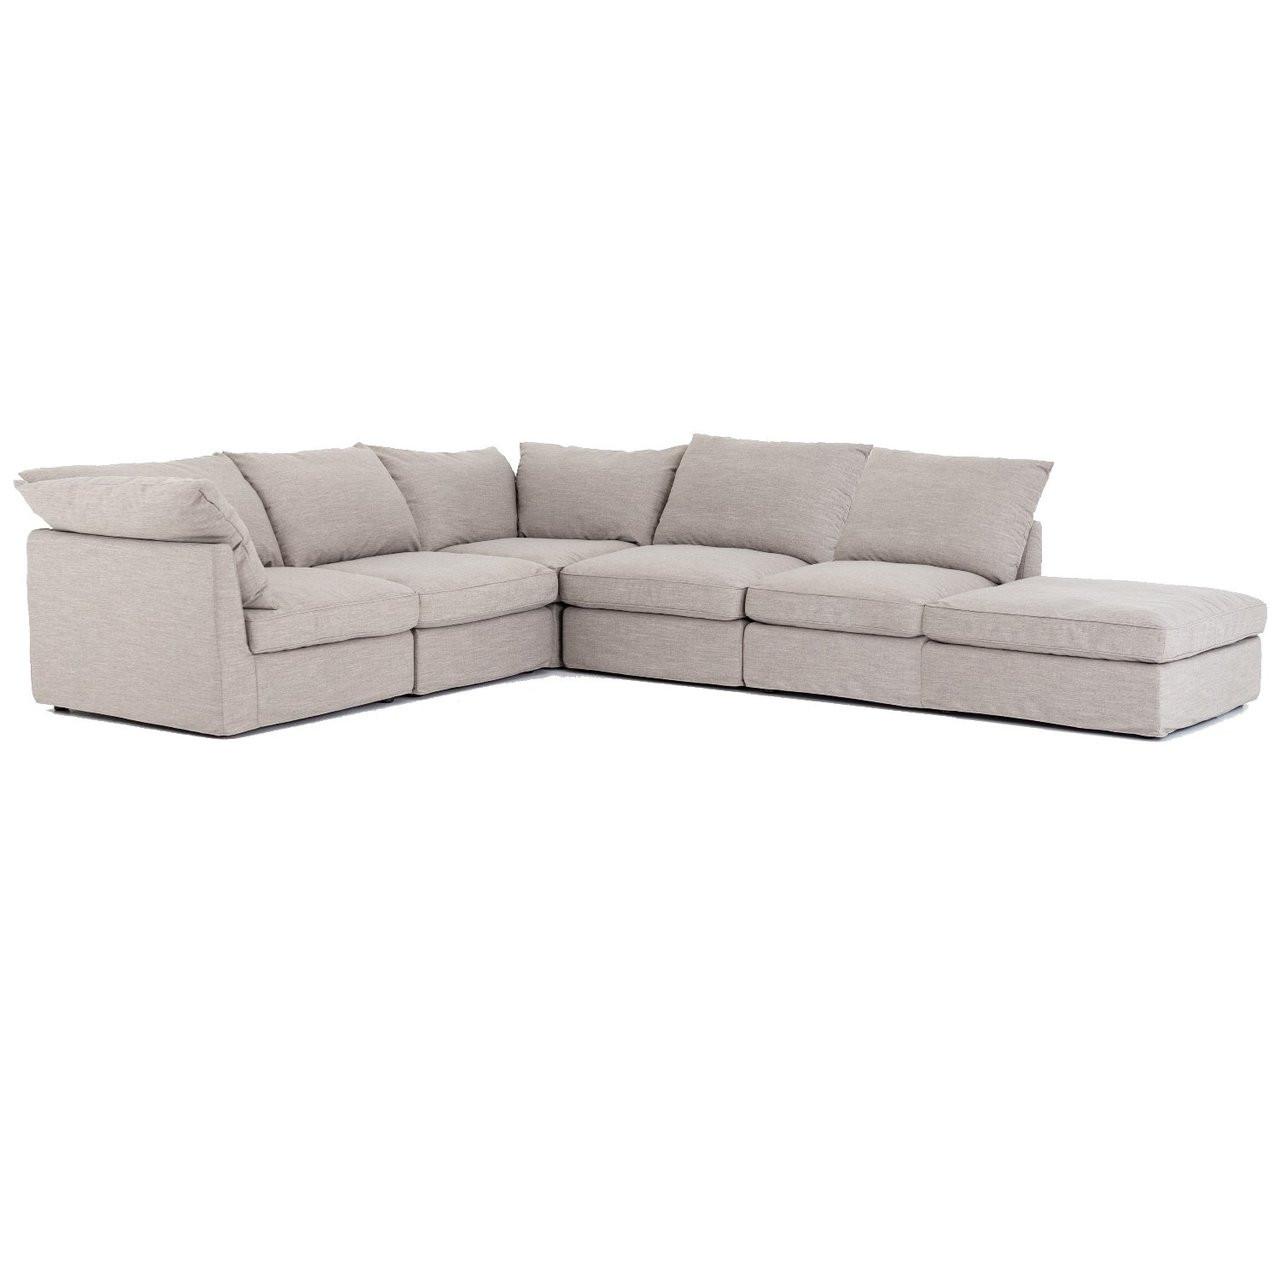 Paul Coastal Grey 6 Piece Modular Sectional Sofa 148 Zin Home